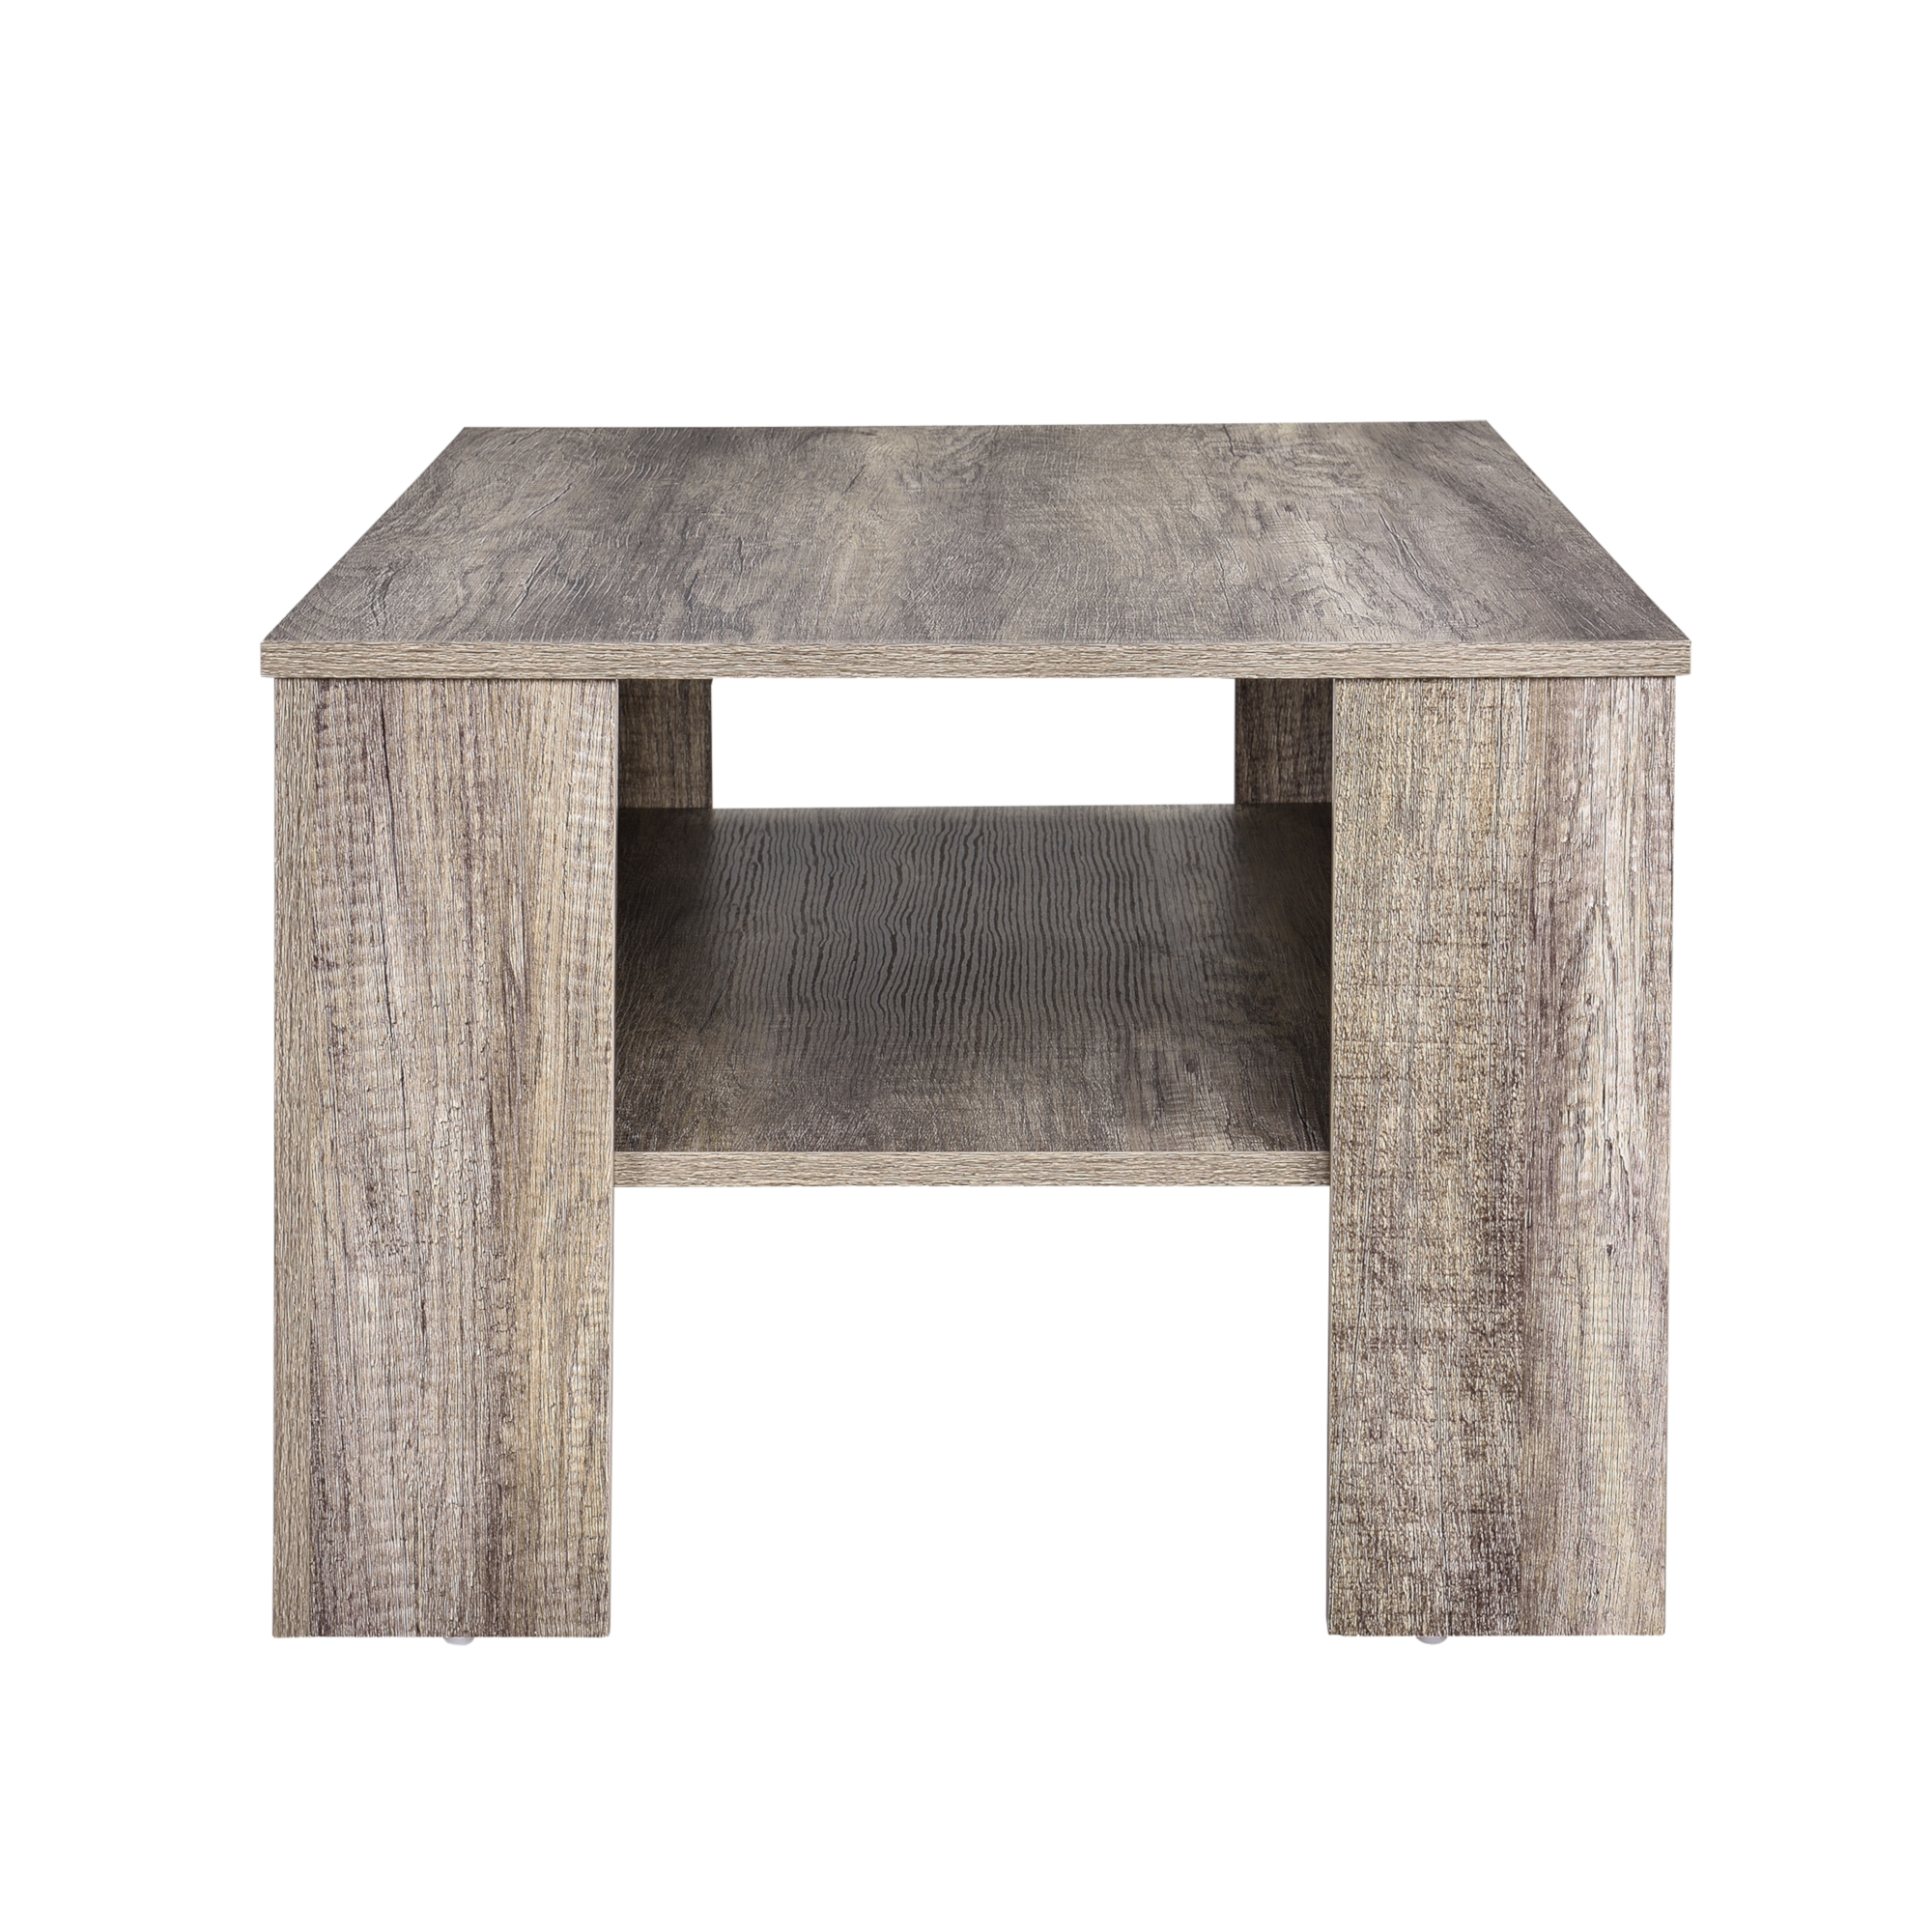 couchtisch eiche altholz 100x60cm wohnzimmertisch beistelltisch holz ebay. Black Bedroom Furniture Sets. Home Design Ideas